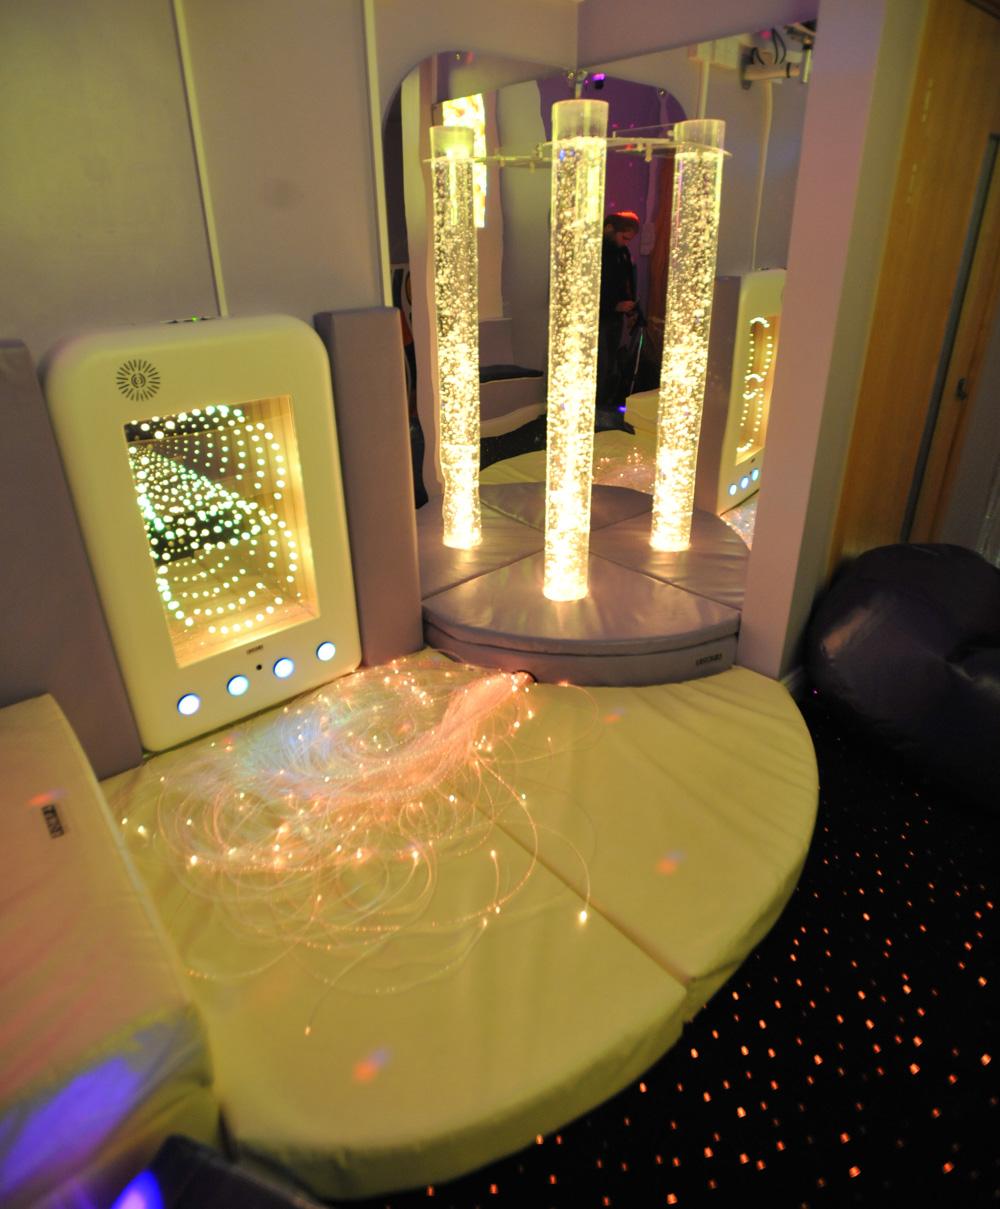 Alan Shearer Centre Sensory Room Snoezelen 174 Multi